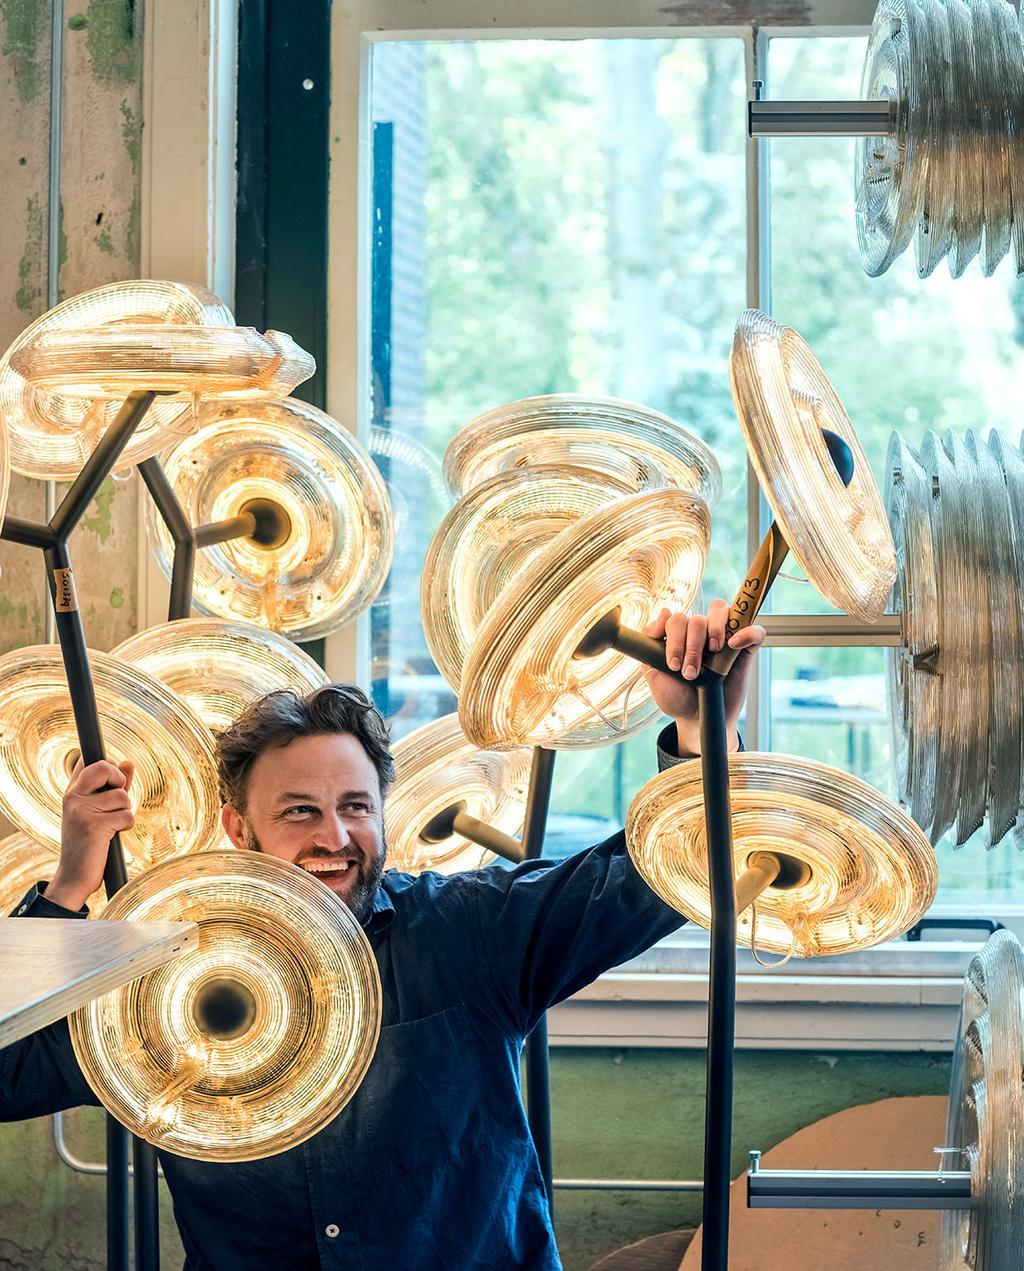 vtwonen 07-2021   Dirk met de bijzondere opgeblazen bloown lampen